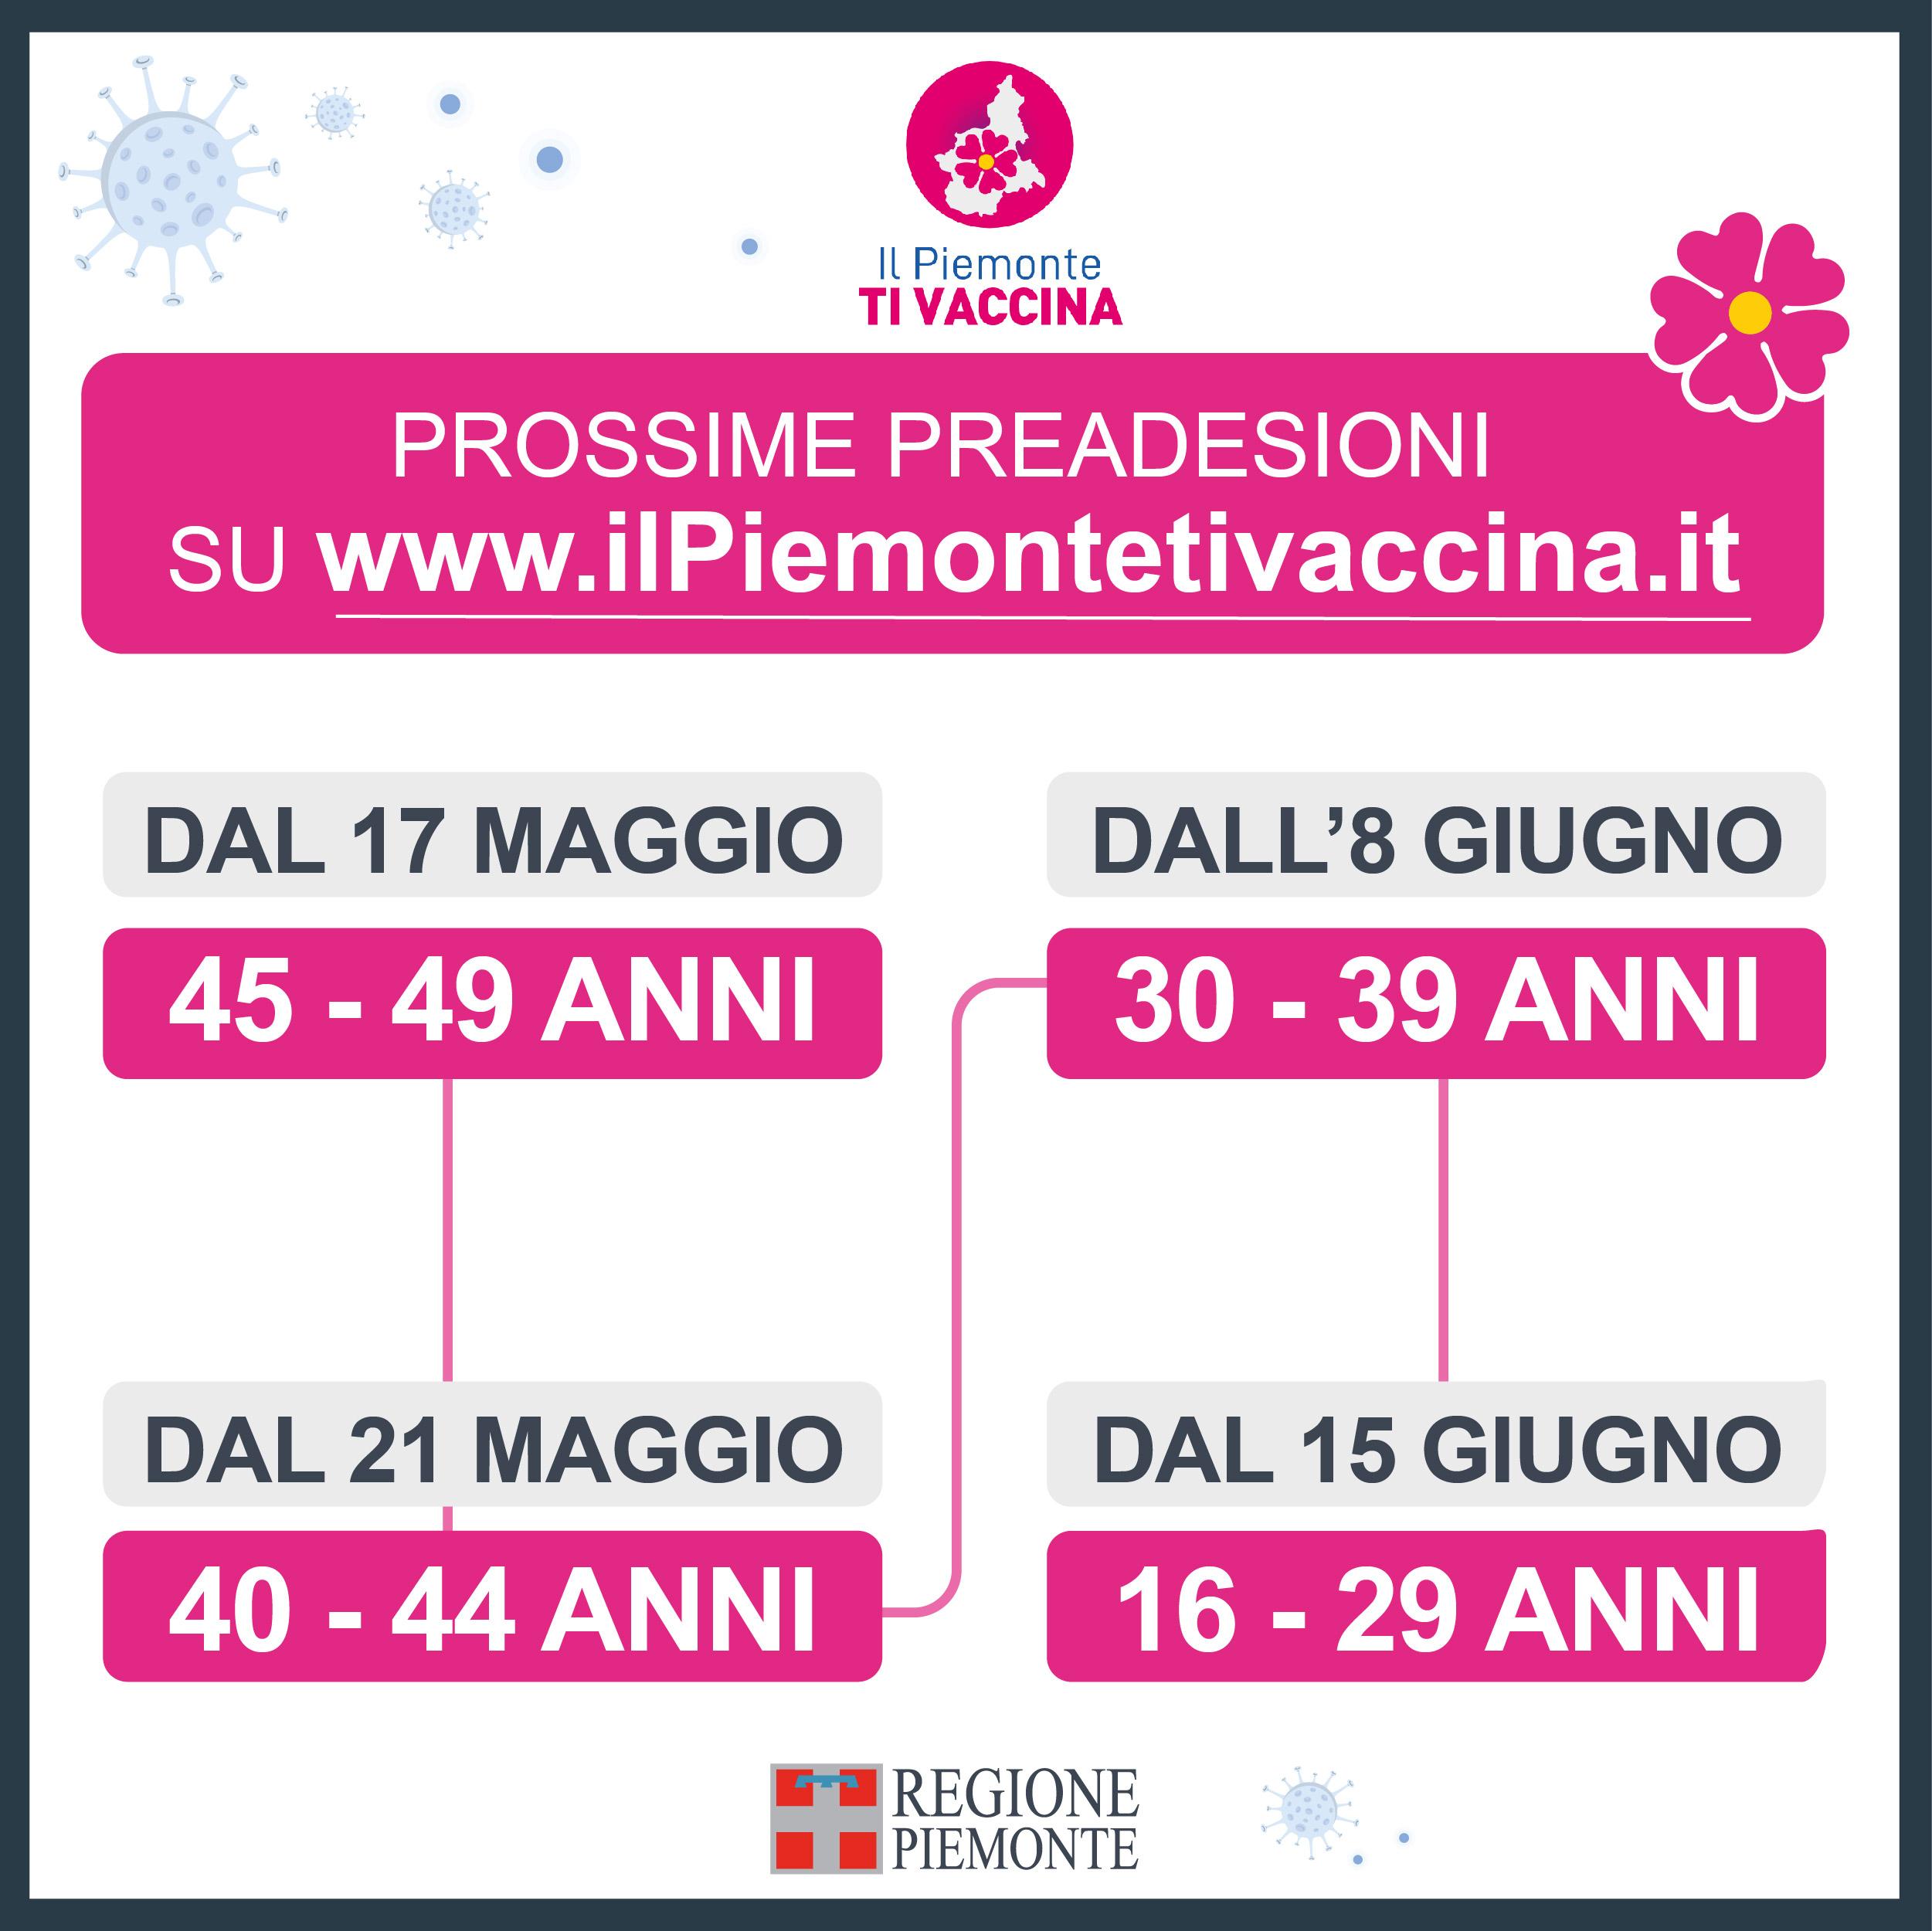 Preadesioni Piemonte di vaccina